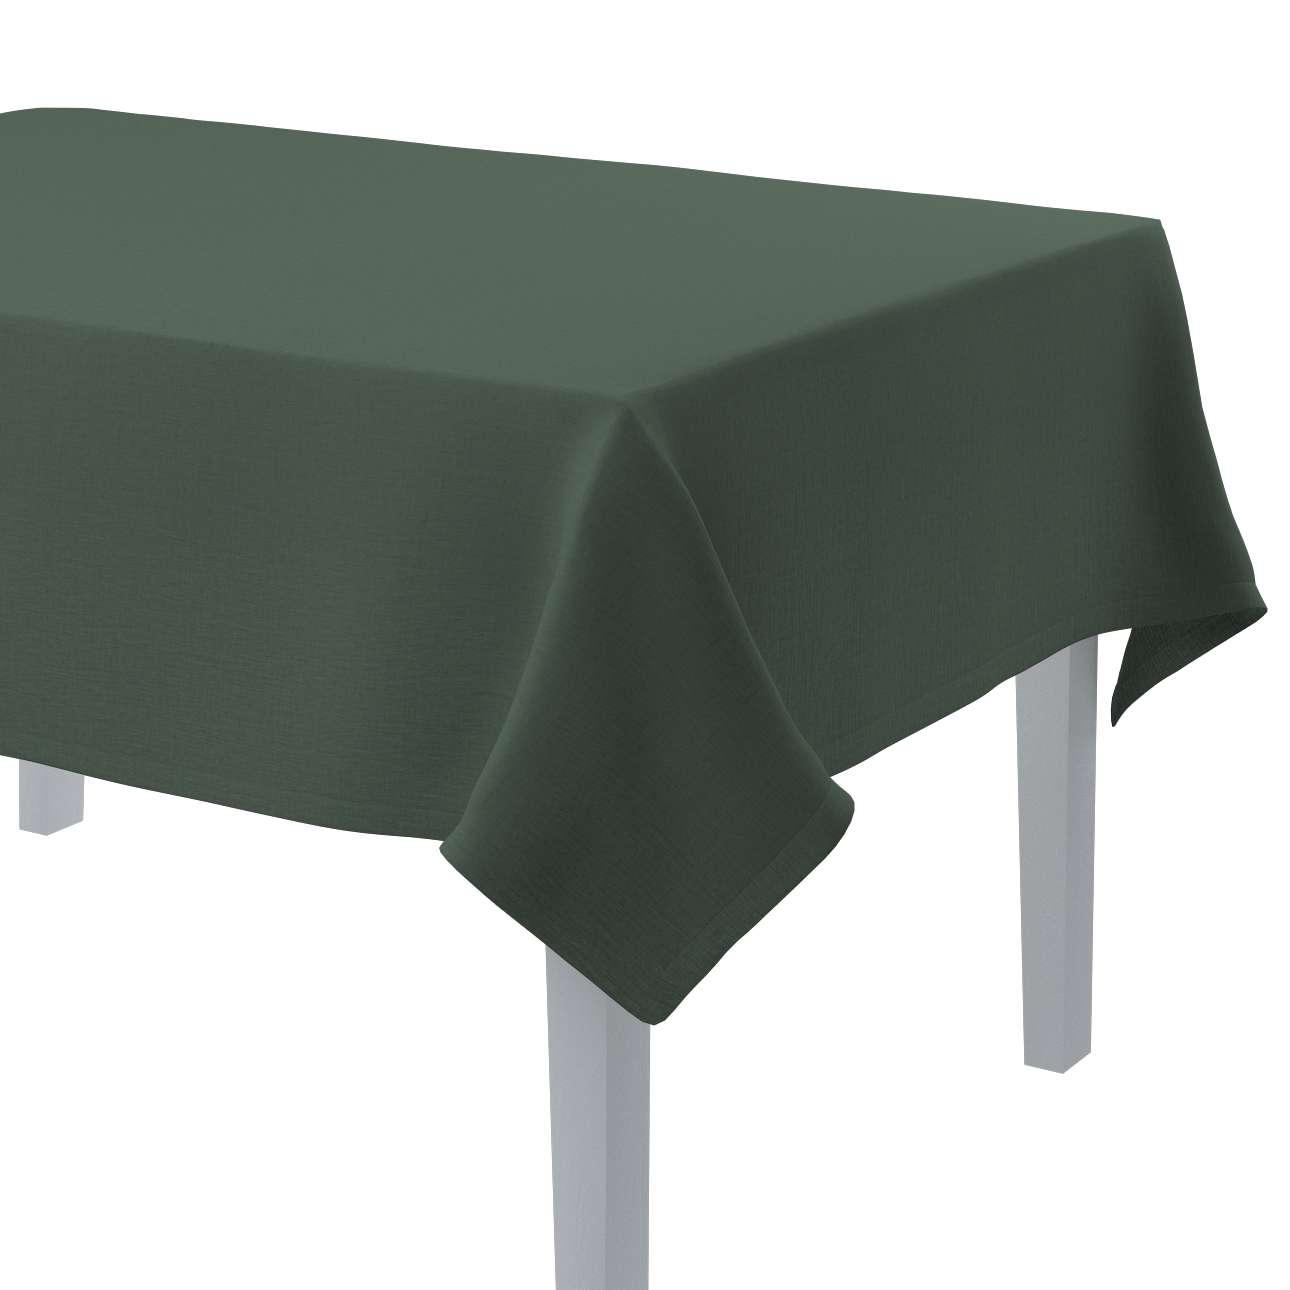 Rechteckige Tischdecke von der Kollektion Leinen, Stoff: 159-08